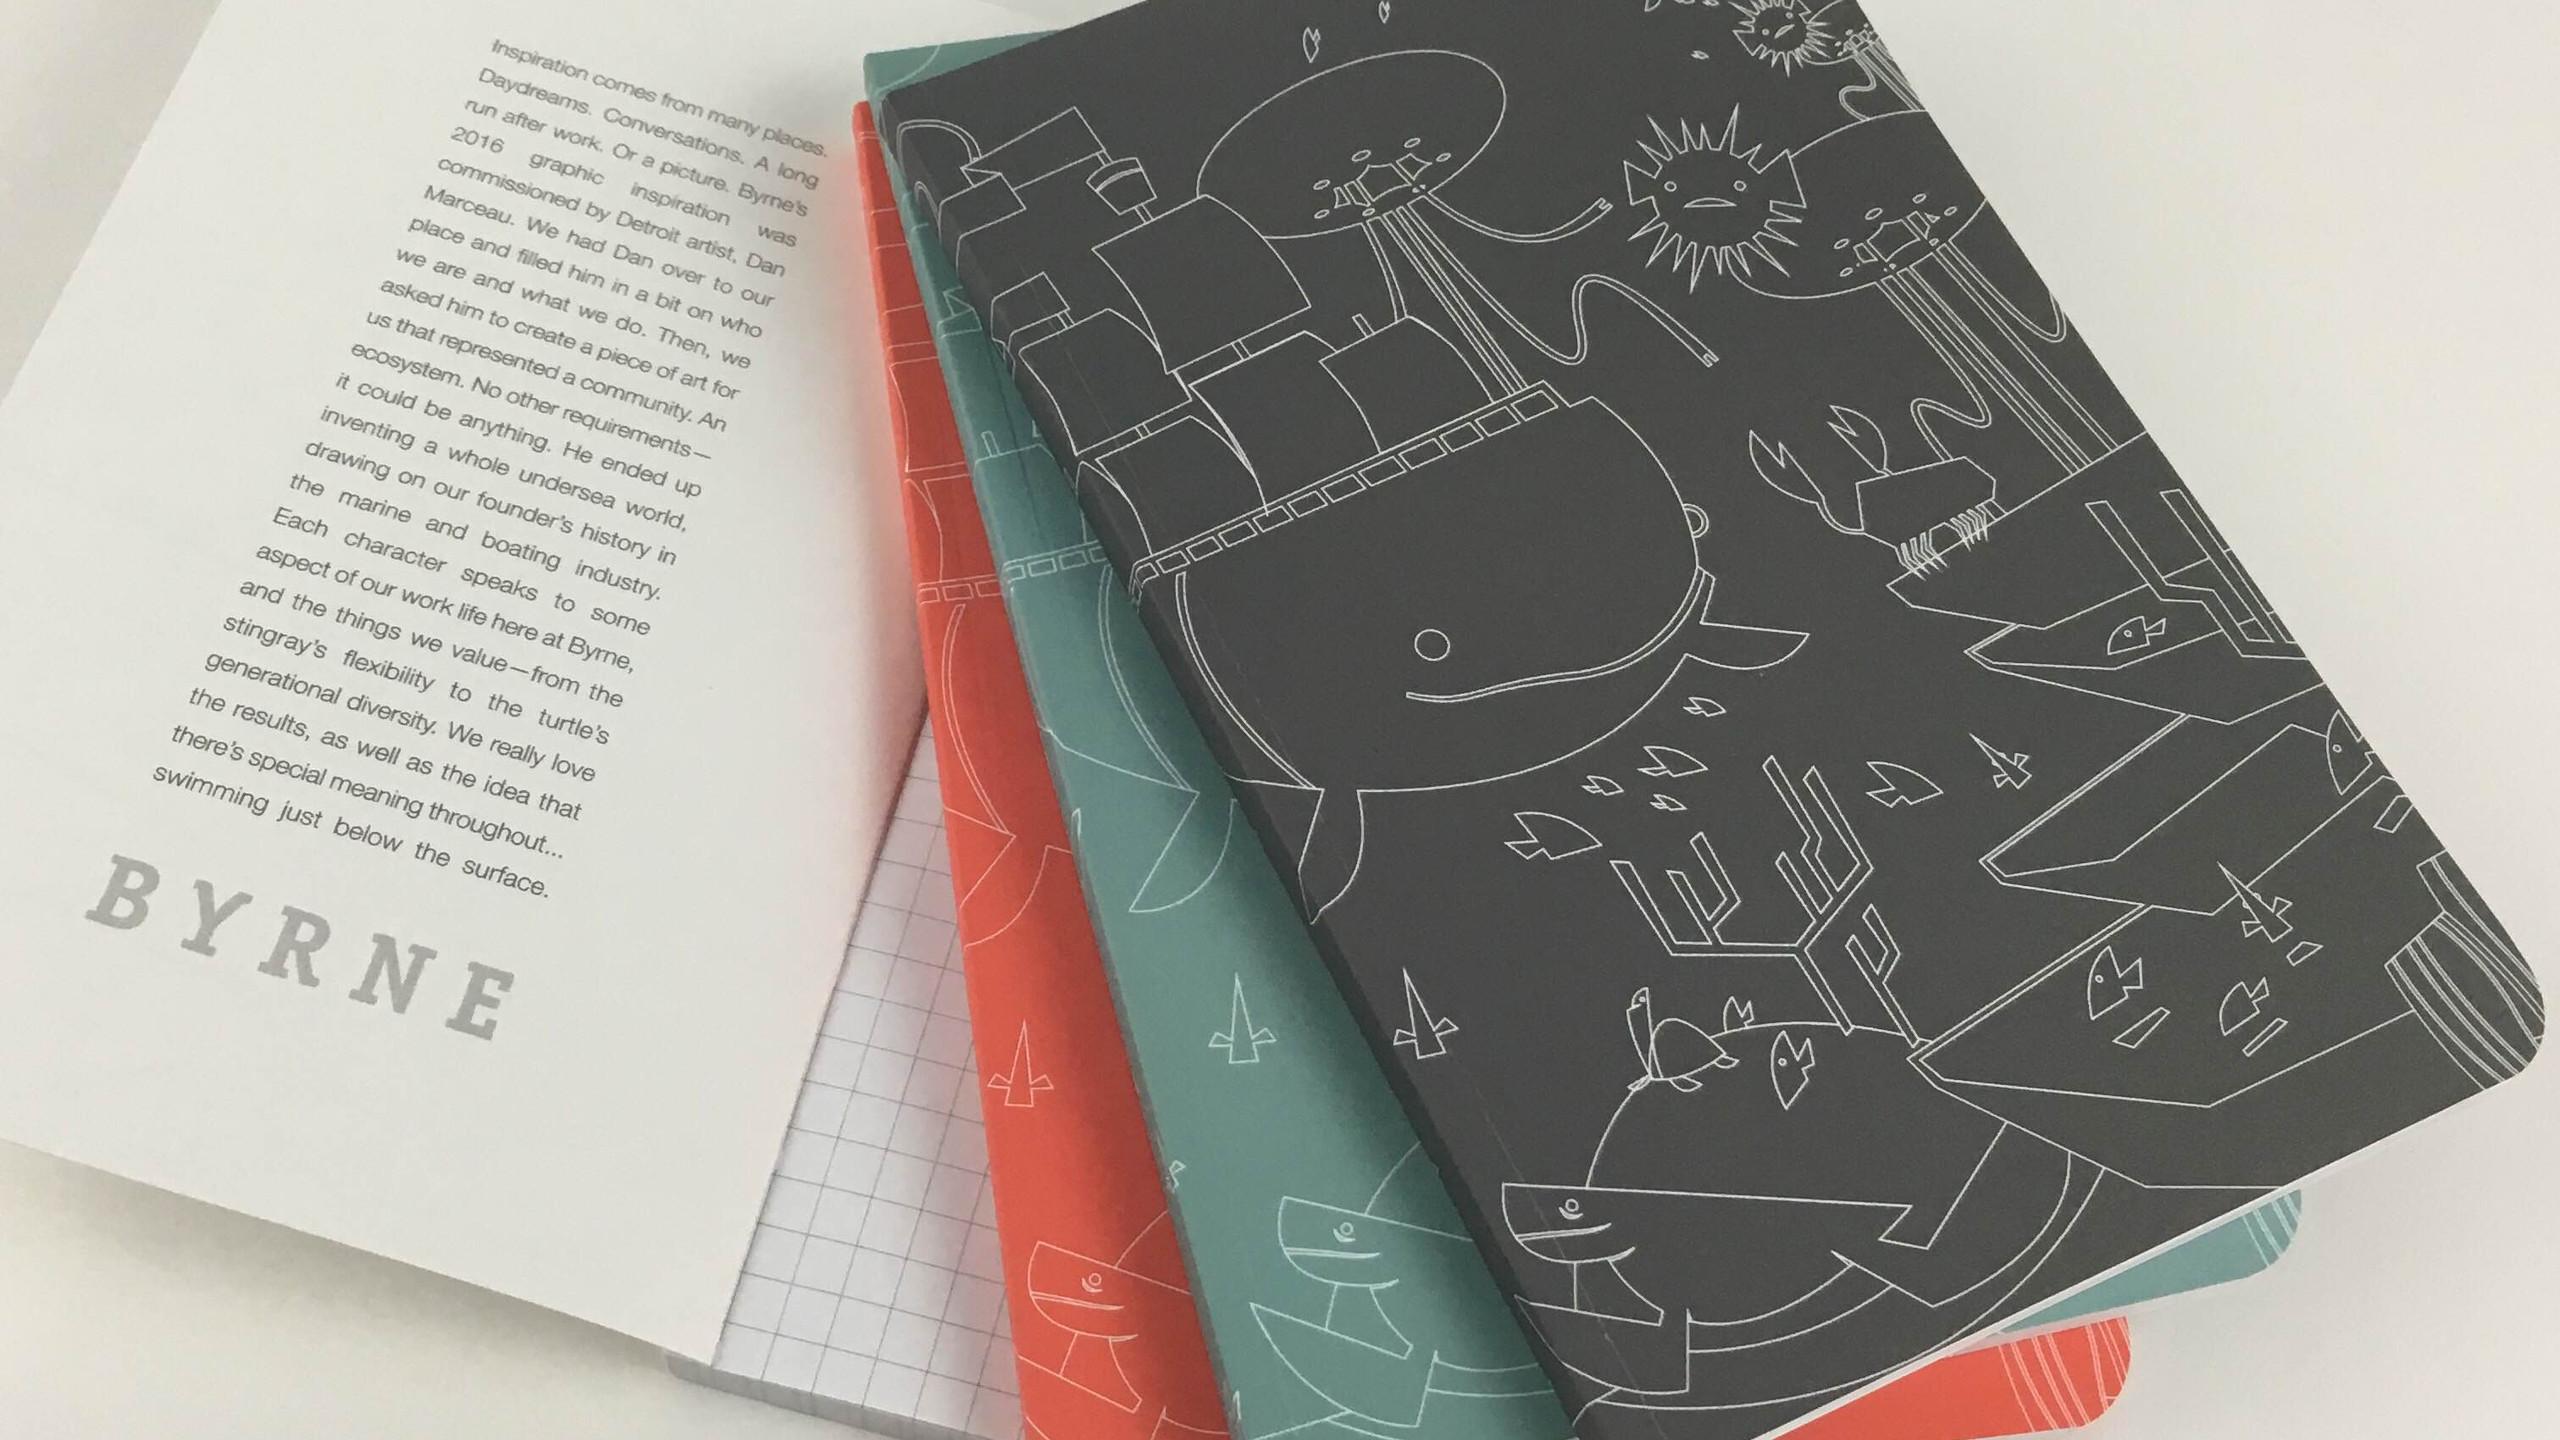 Full Color Story Journal